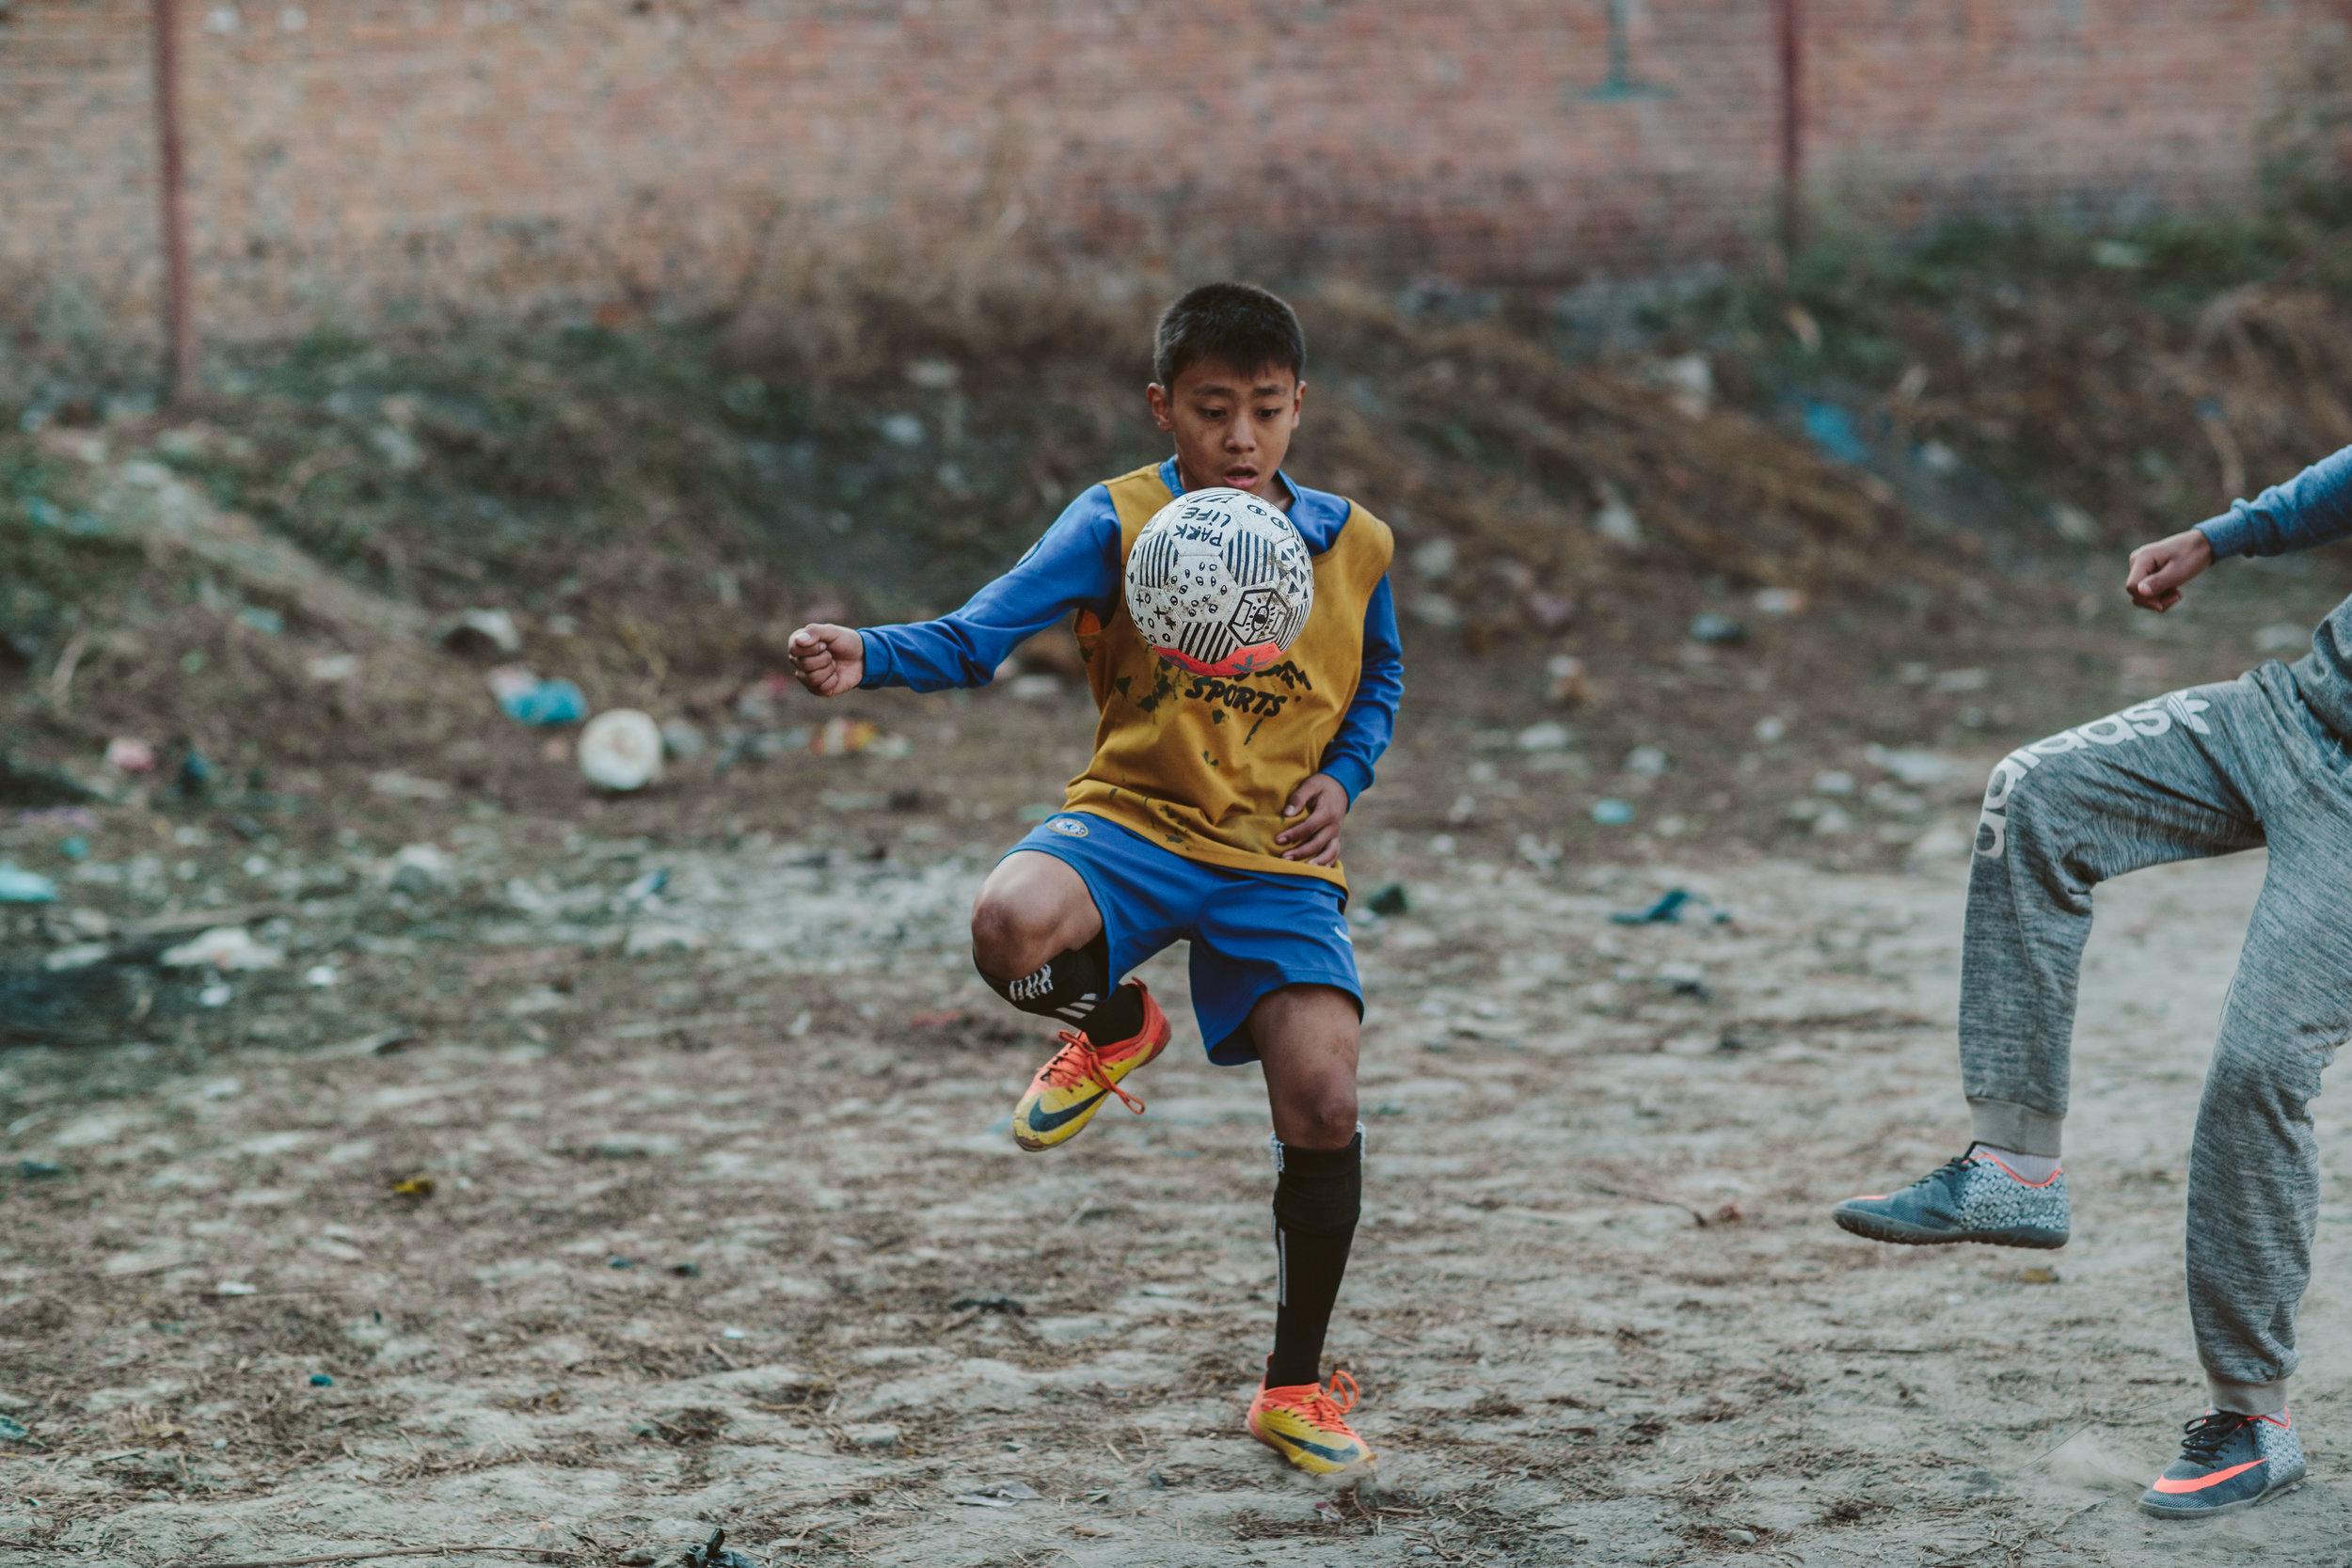 passaball_nepal-20.jpg